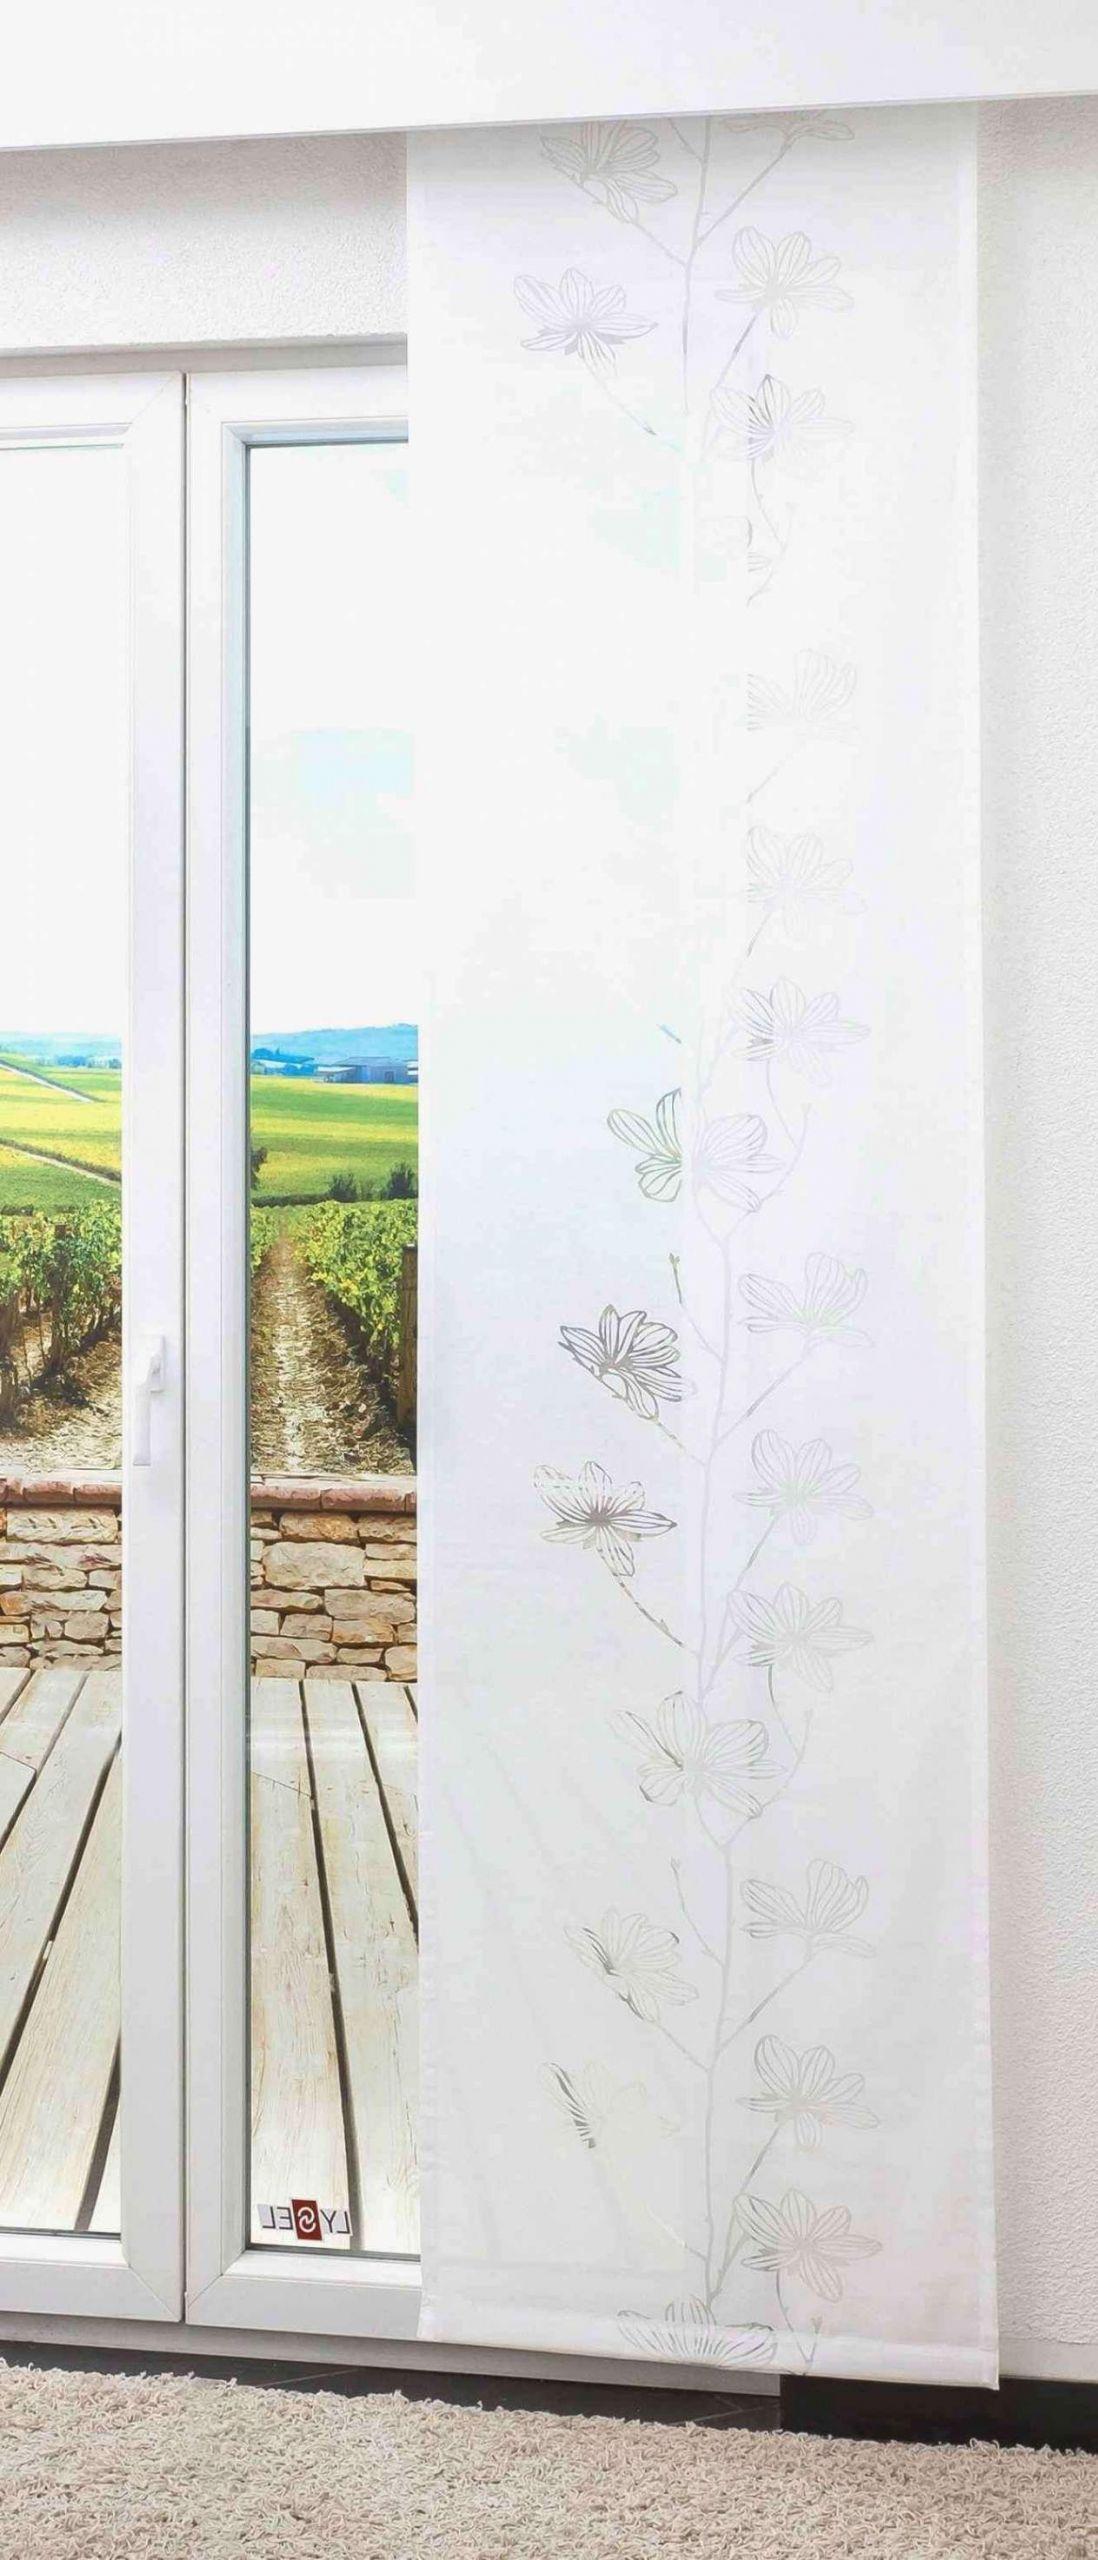 42 einzigartig sichtschutz fur balkon grafik sichtschutz fur badfenster sichtschutz fur badfenster